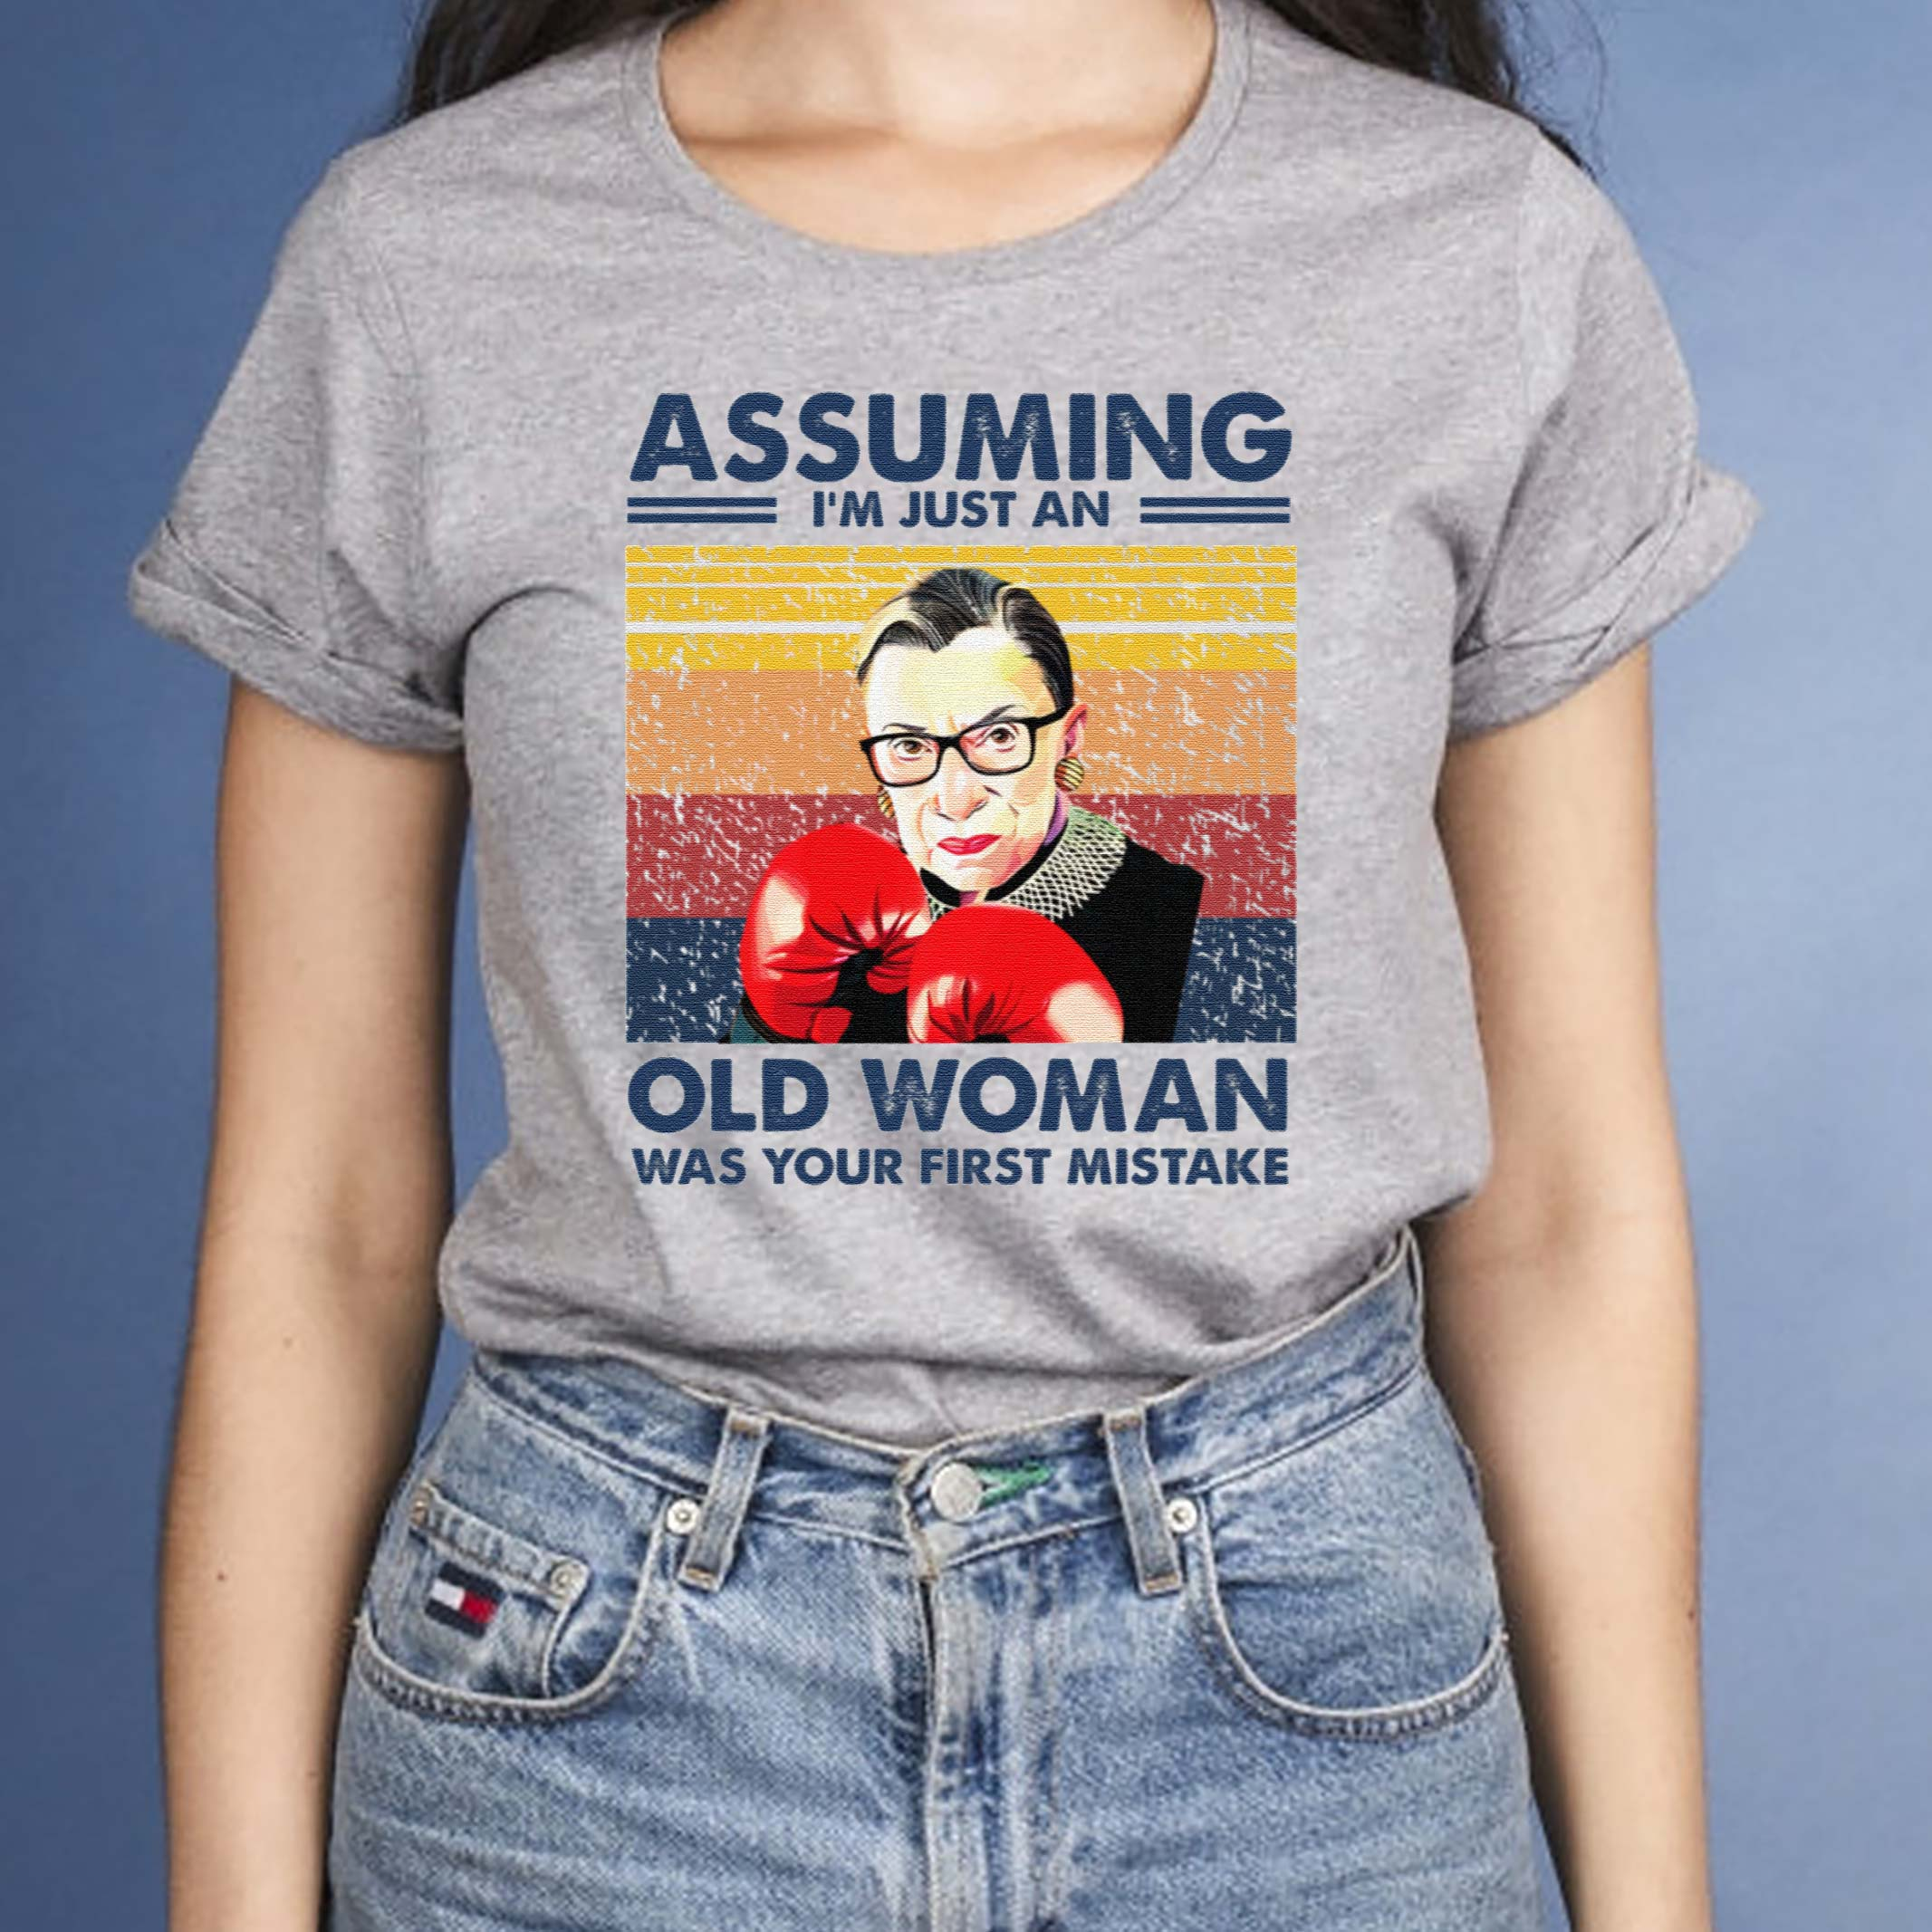 Assuming-I-Am-Just-An-Old-Woman-Ruth-Bader-Ginsburg-Boxing-Shirt